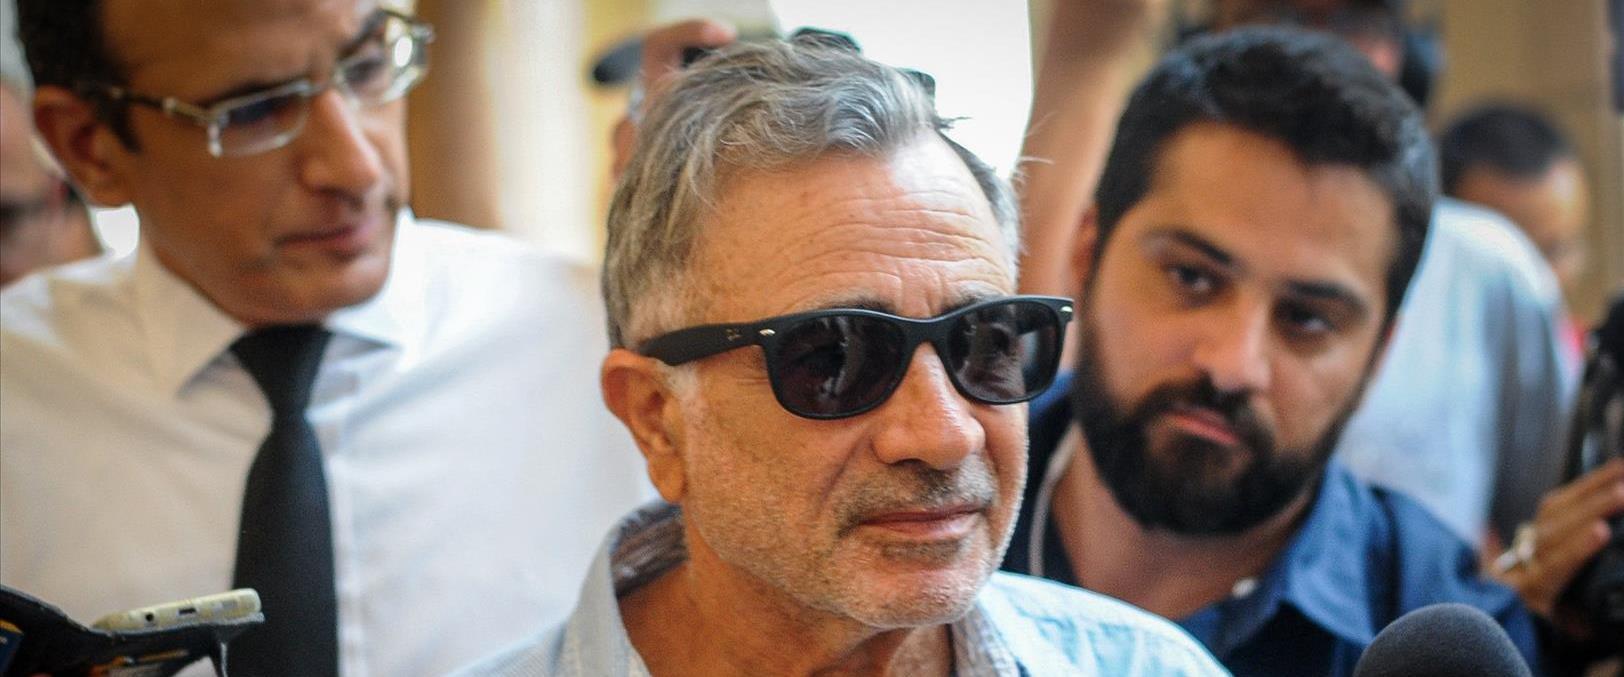 משה איבגי בבית המשפט בחיפה